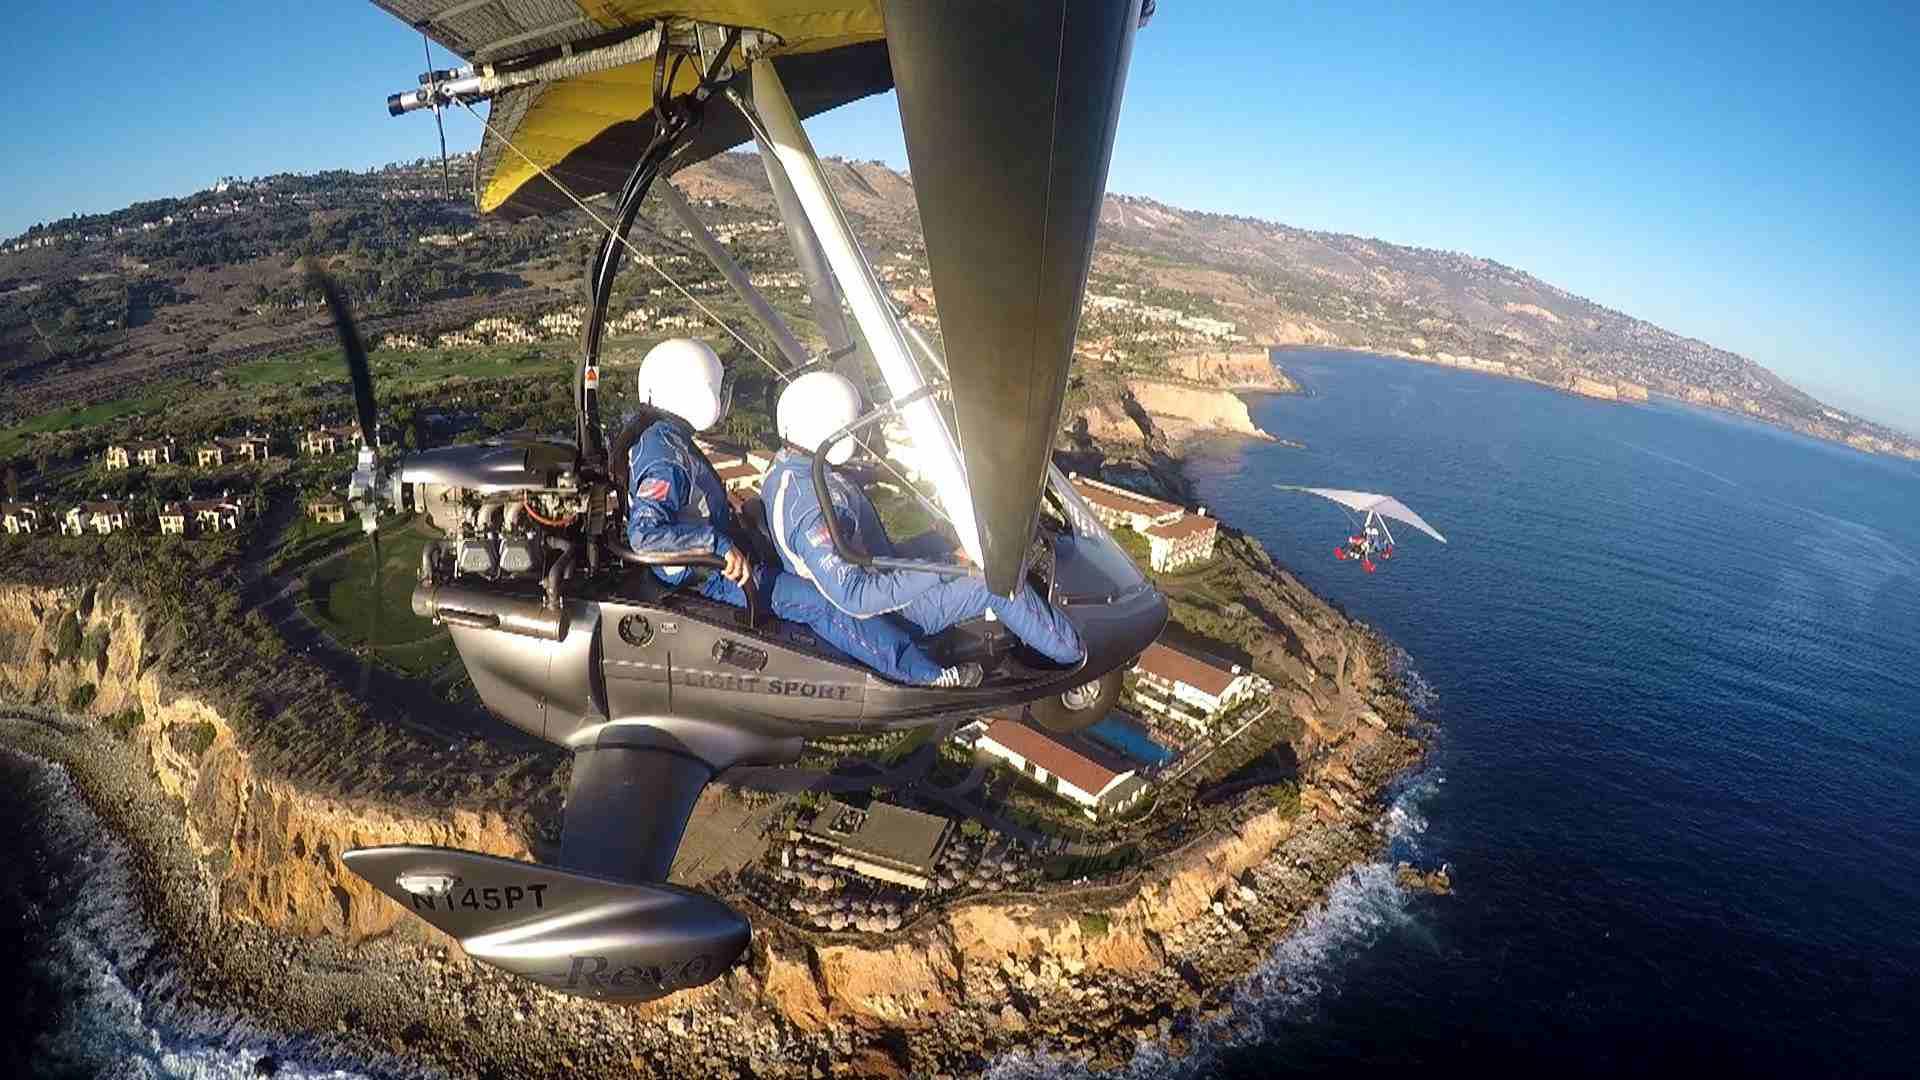 Pacific Blue Air Flight over Palos Verdes